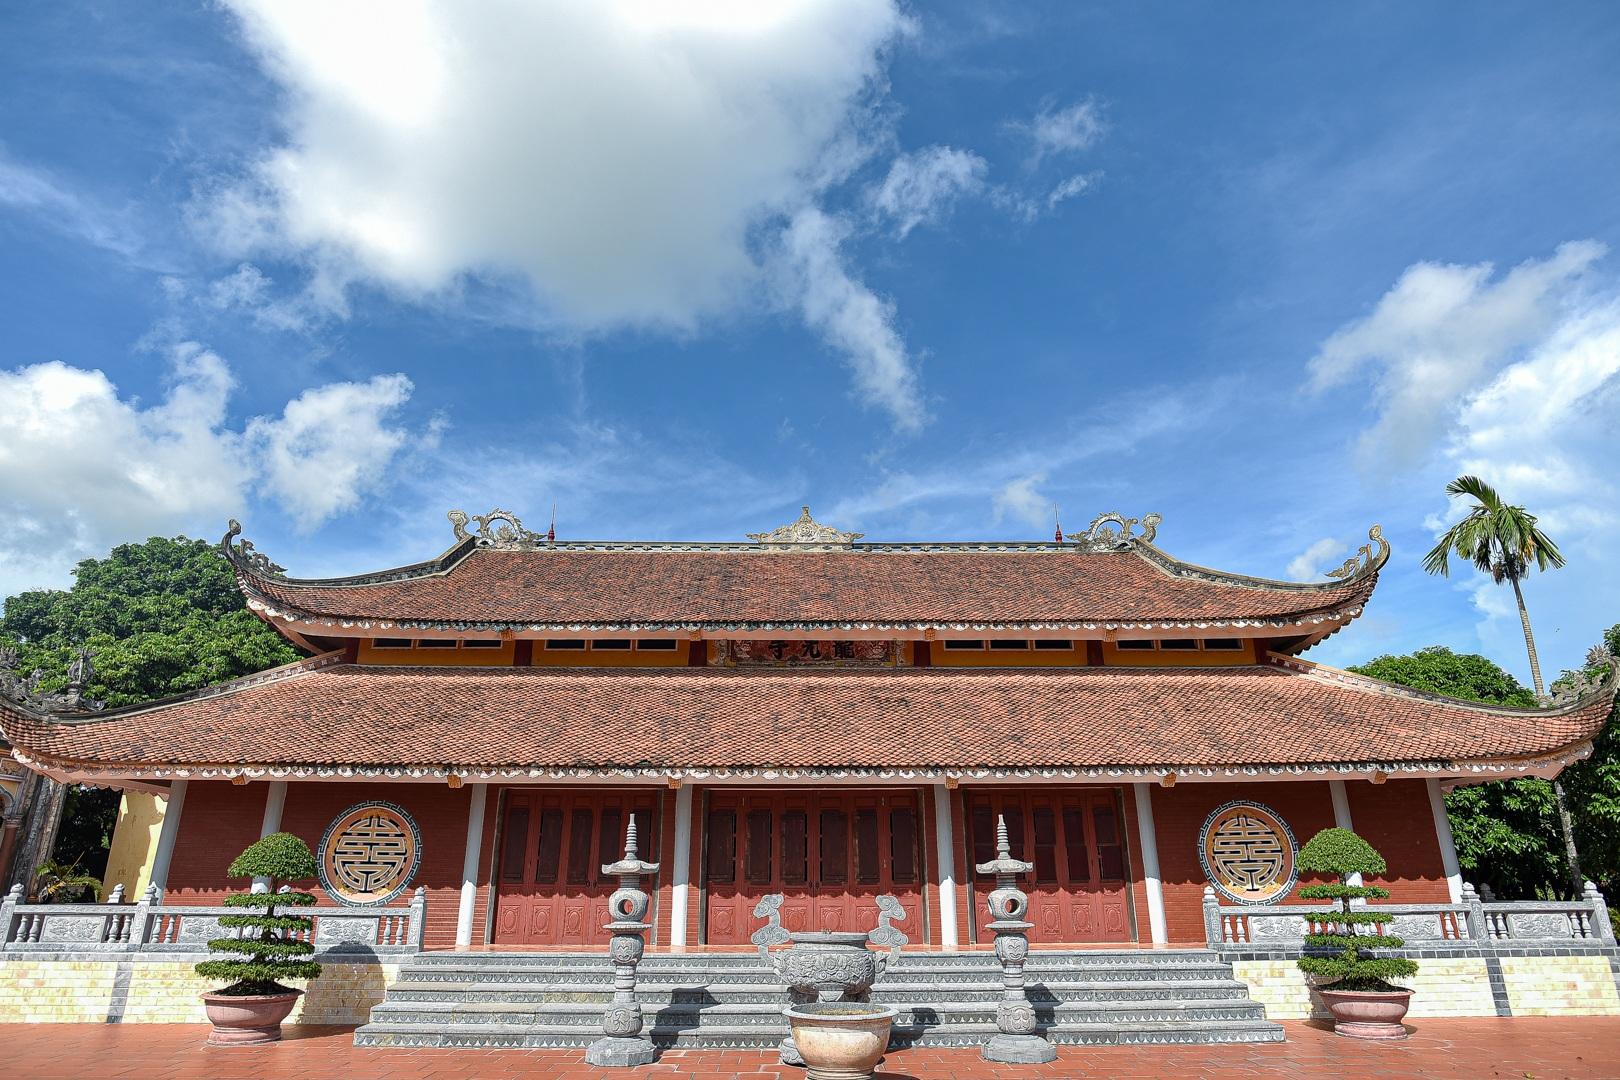 Ngôi đền 600 năm tuổi có kiến trúc độc đáo bậc nhất ở Nam Định - 2